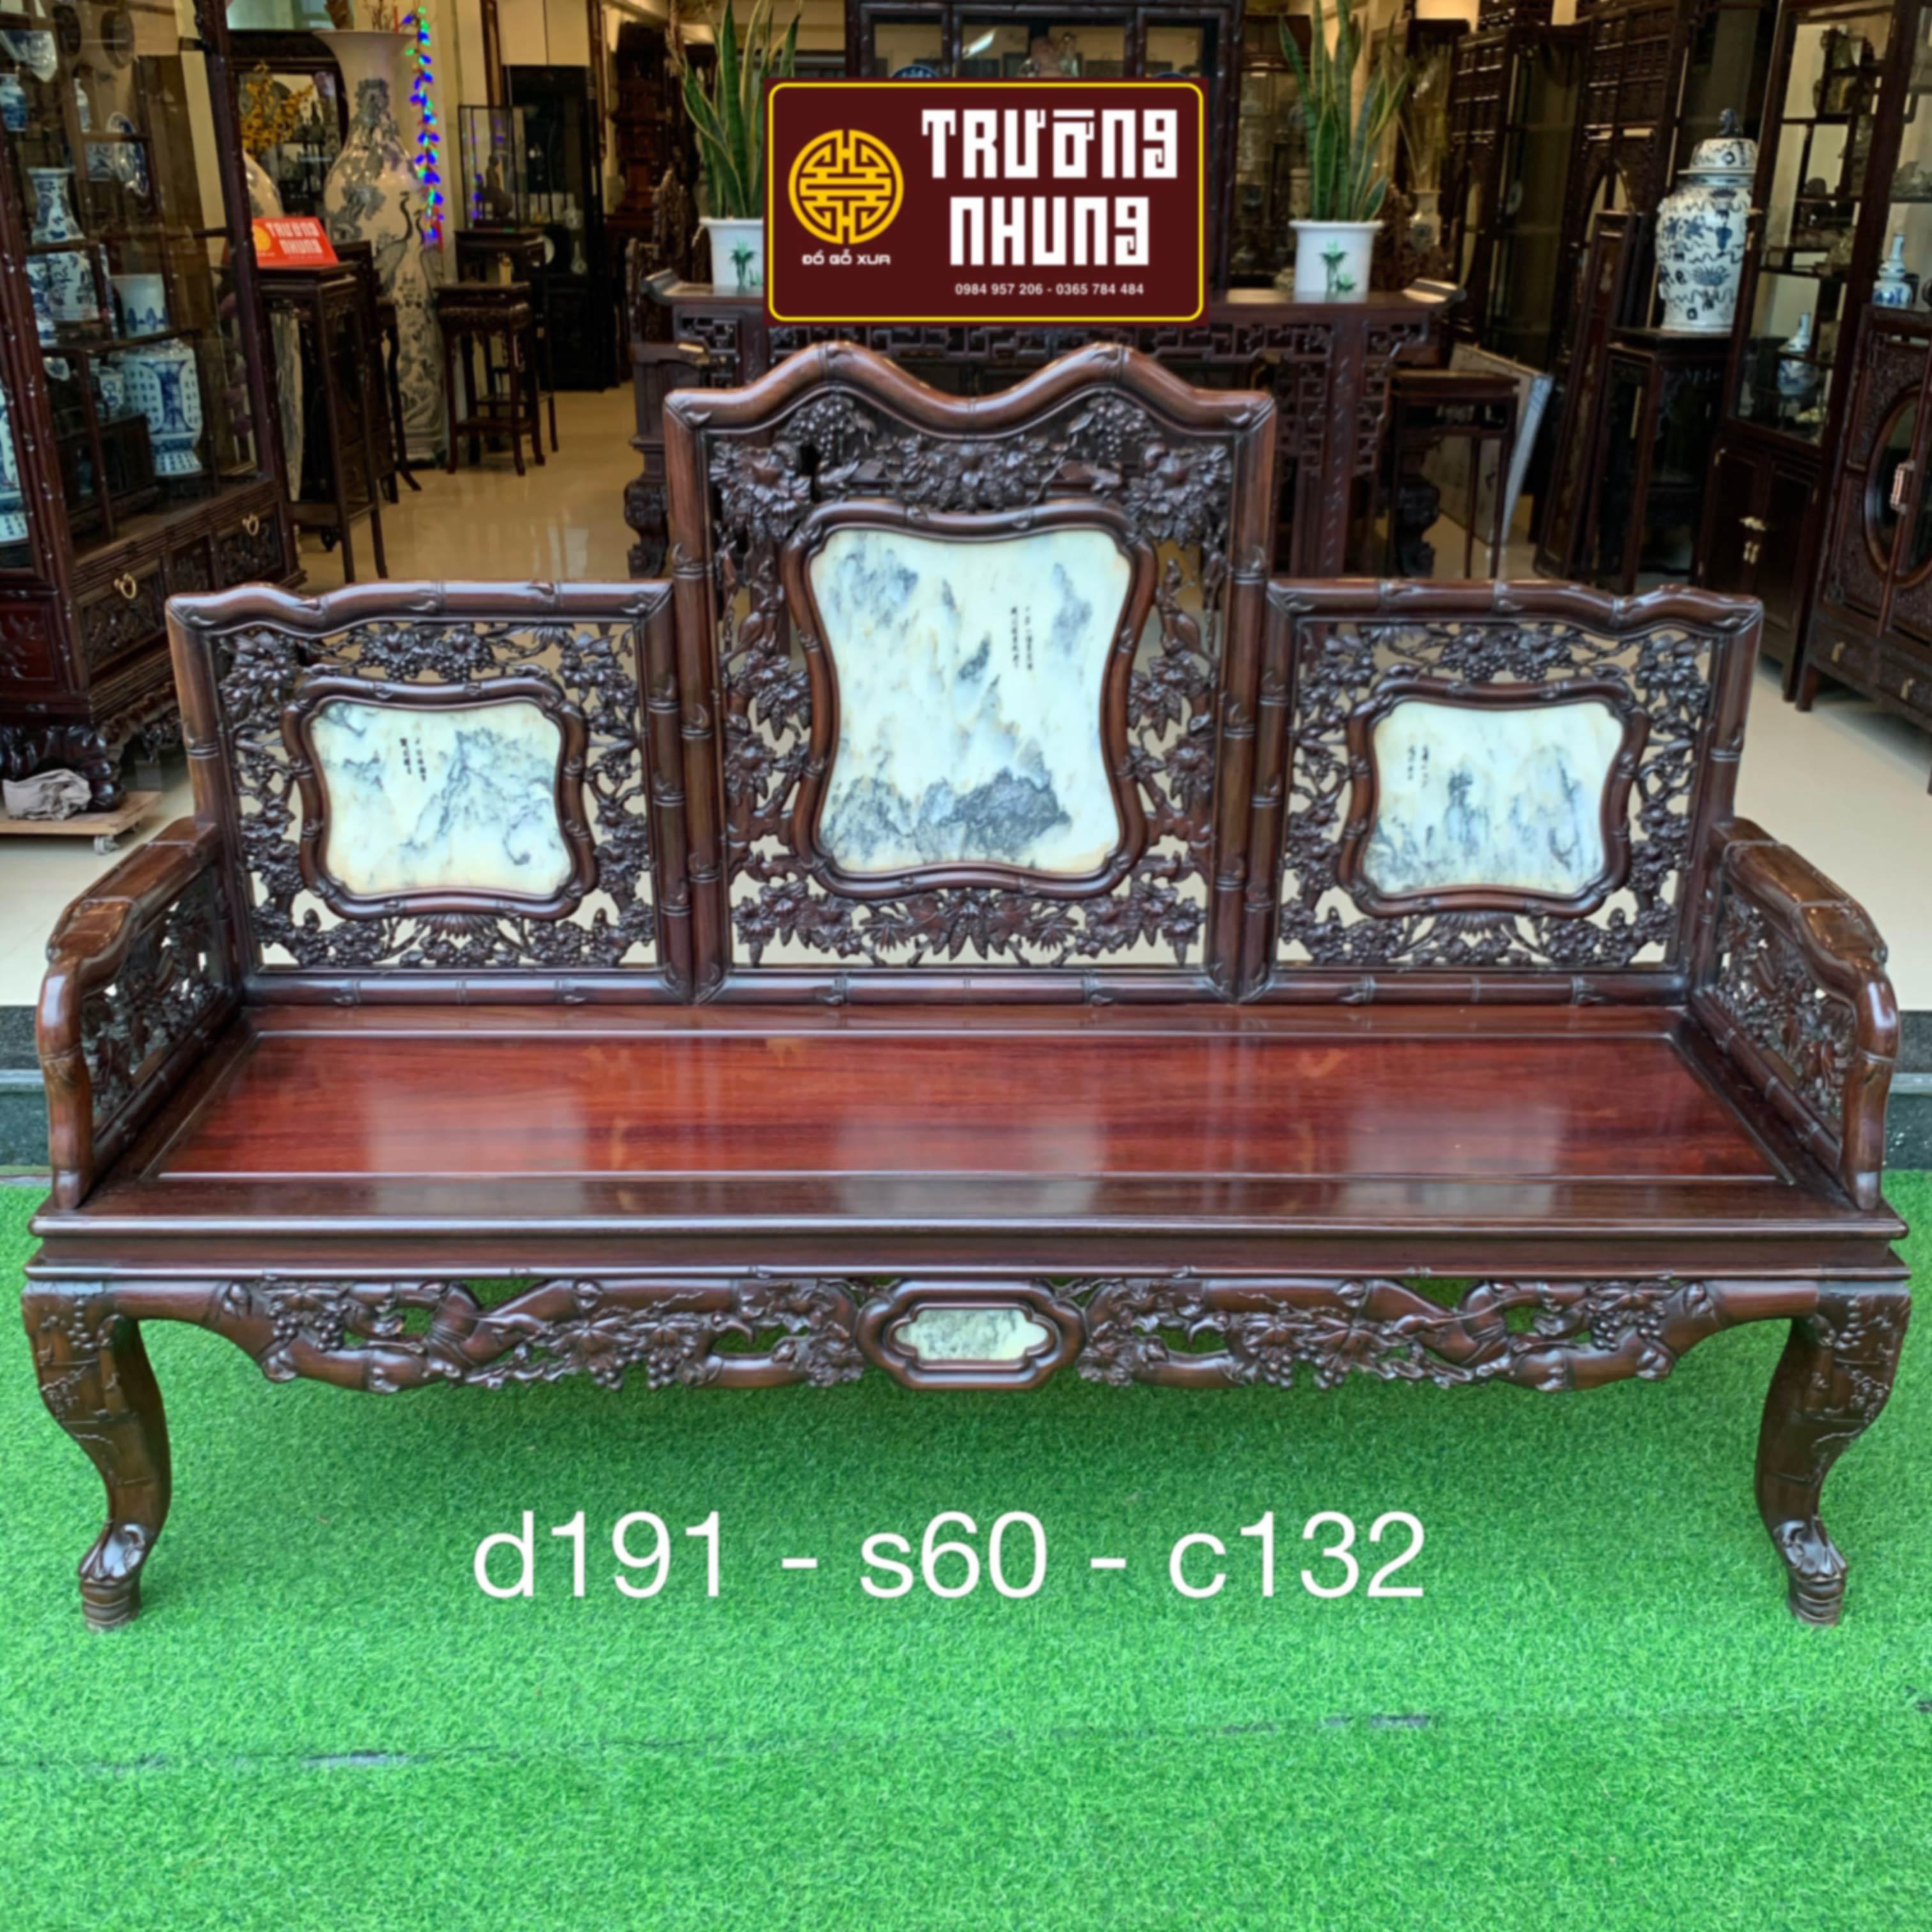 kích - thước - ghế - dài - trường - kỷ - chạm - trúc - nho - đẹp - nhất - ĐỒ - GỖ - XƯA - TRƯỜNG - NHUNG